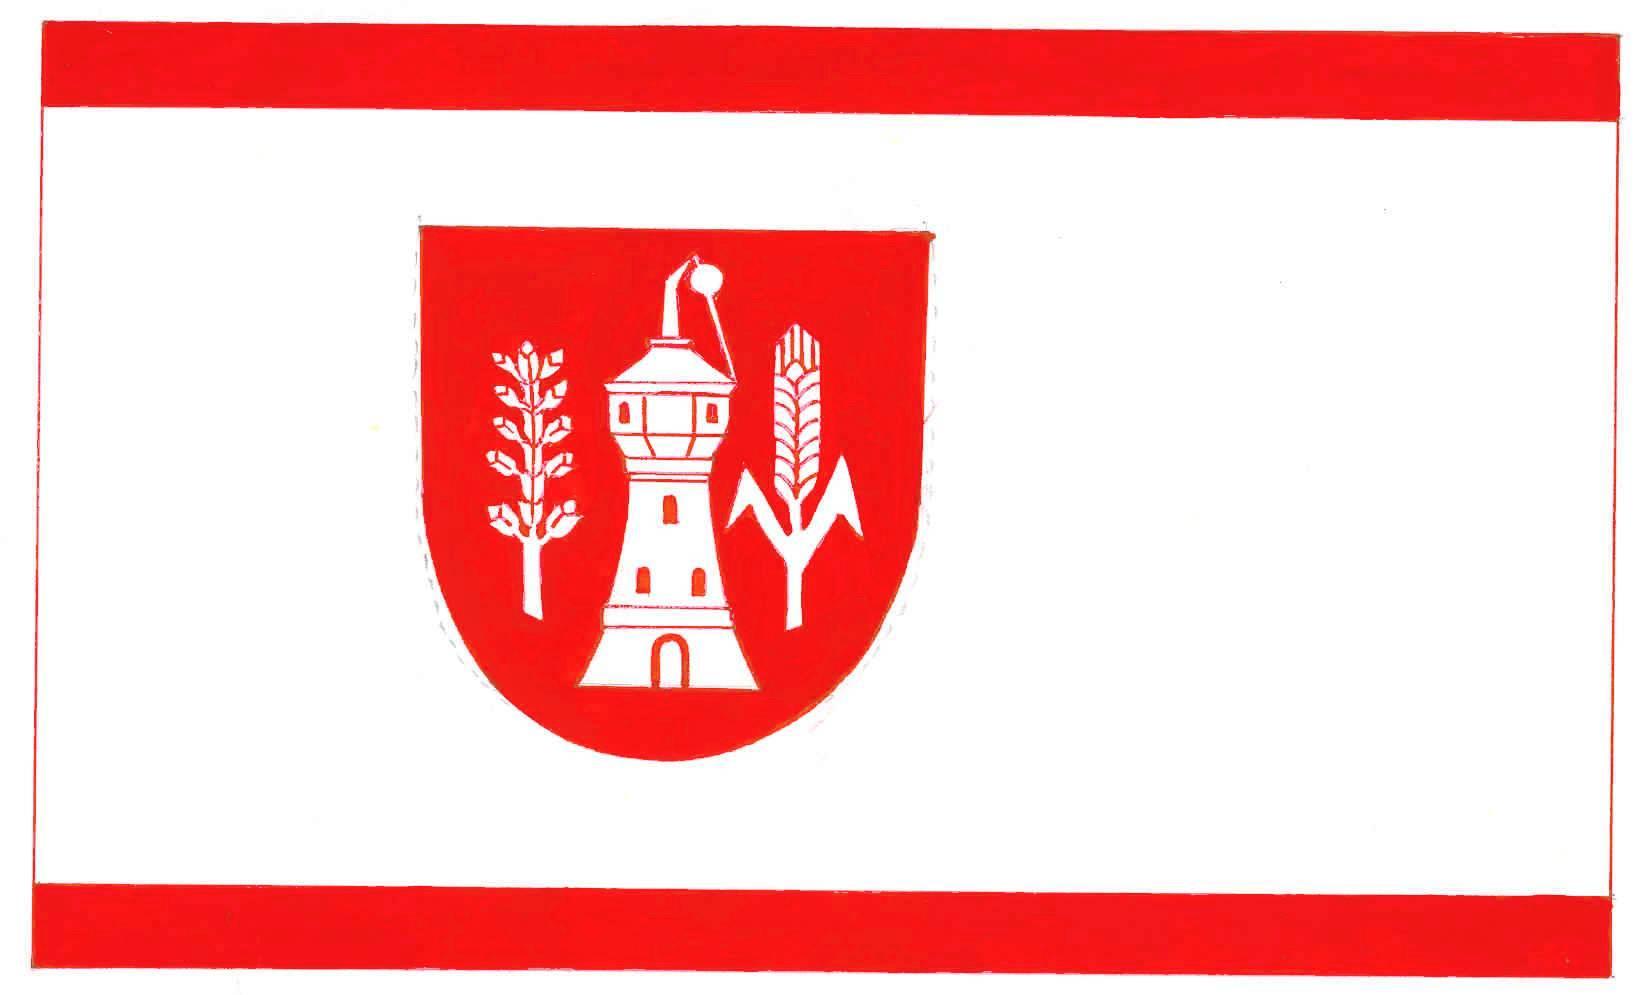 Flagge GemeindeHohenlockstedt, Kreis Steinburg